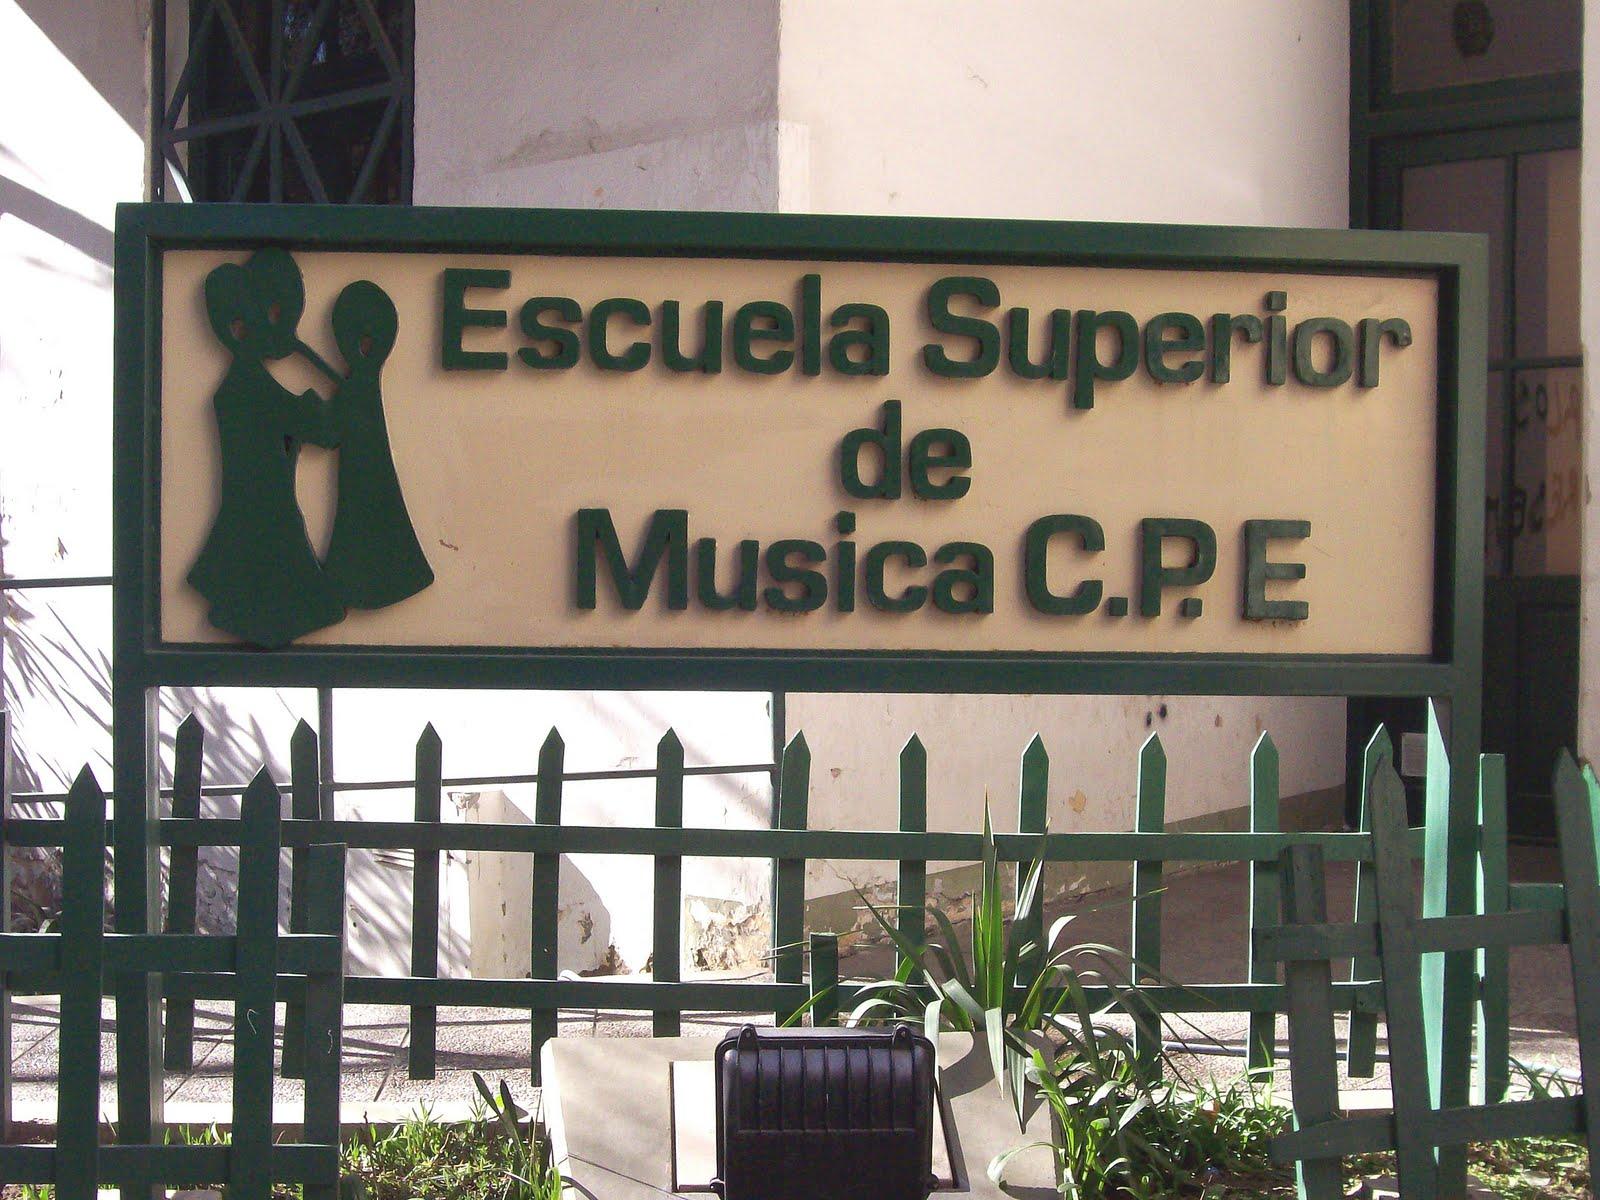 Escuela Superior de Música de Neuquén